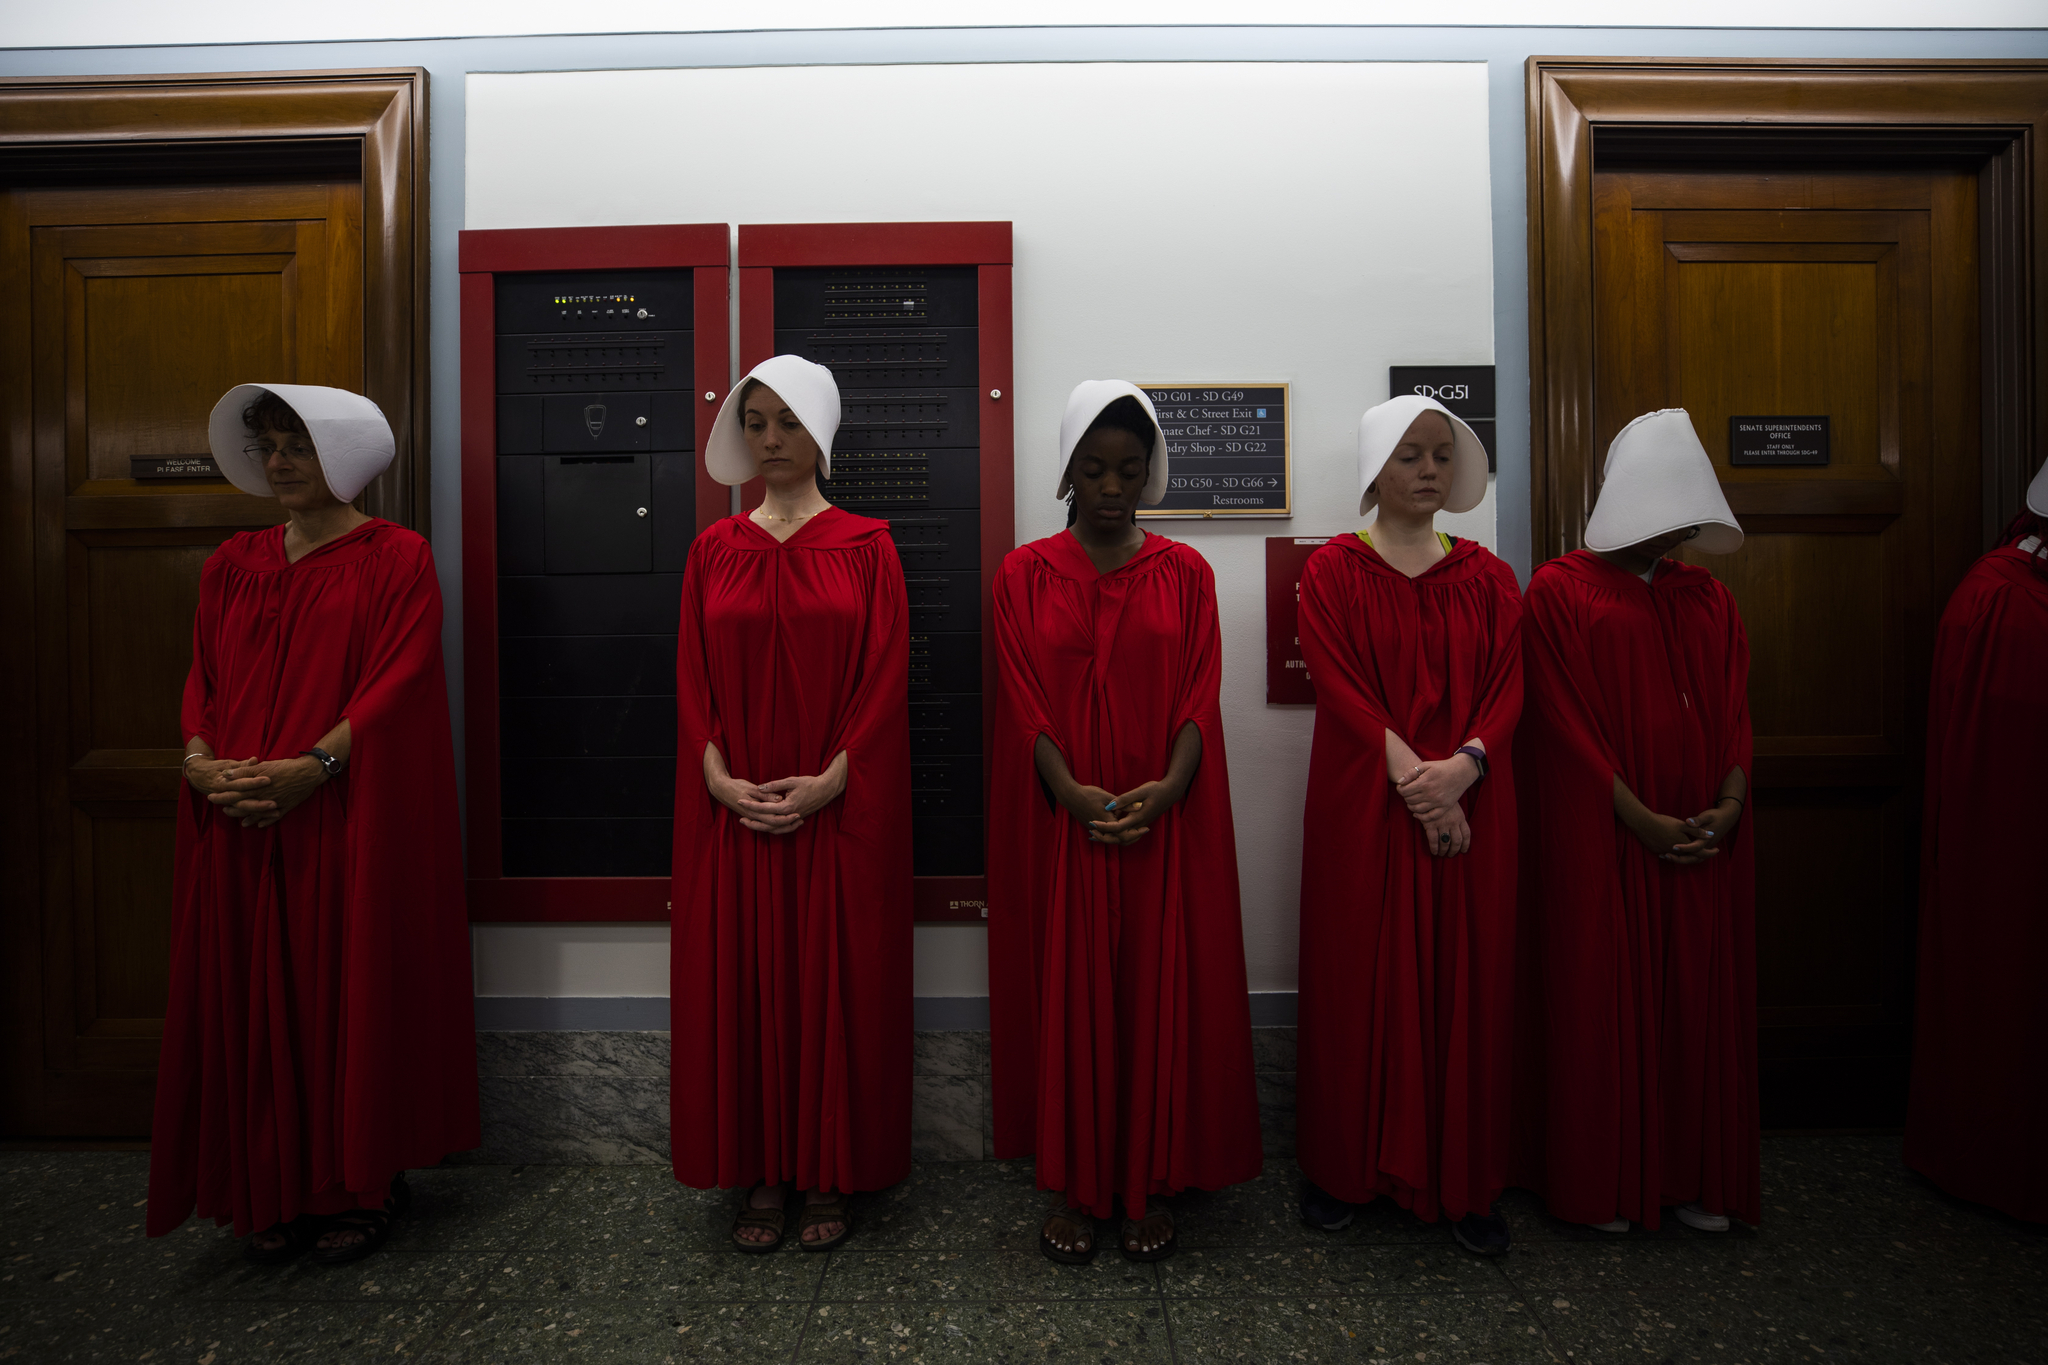 낙태 합법화에 찬성하며 캐버노 대법관 인준에 반대하는 여성들이 5일(현지시간) 청문회장 밖에서 마가렛 애트우드의 소설 ' 시녀이야기 (the handmaid's tale)' 에 나오는 붉은 망토차림의 시녀 복장을하고 시위를 벌이고 있다. [EPA=연합뉴스]